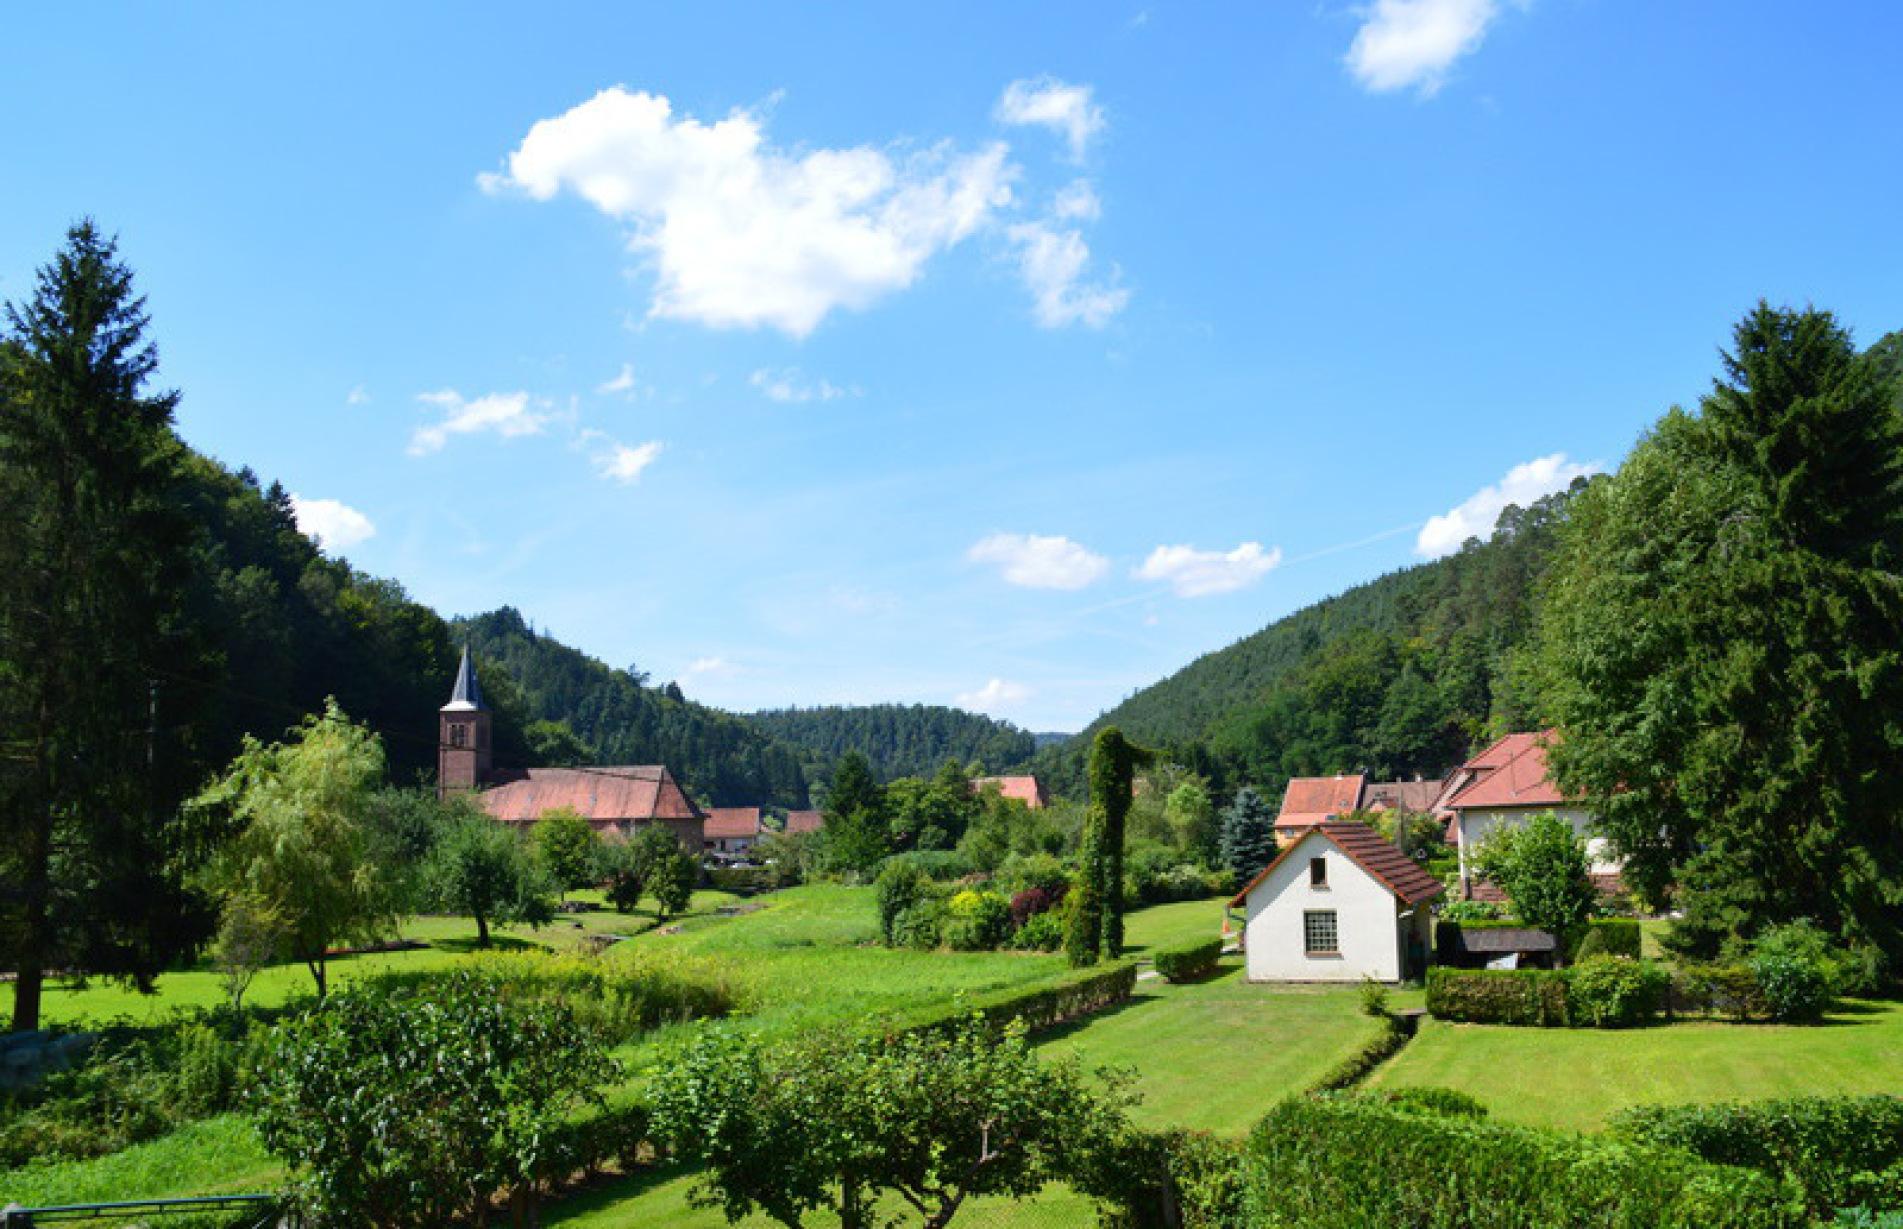 Le gite de l'écureuil à Sturzelbronn dans les Vosges du Nord proche de Bitche et Niederbronn pour vos vacances. Ferienhaus in den Nord Vogesen in der nähe von Bitche.